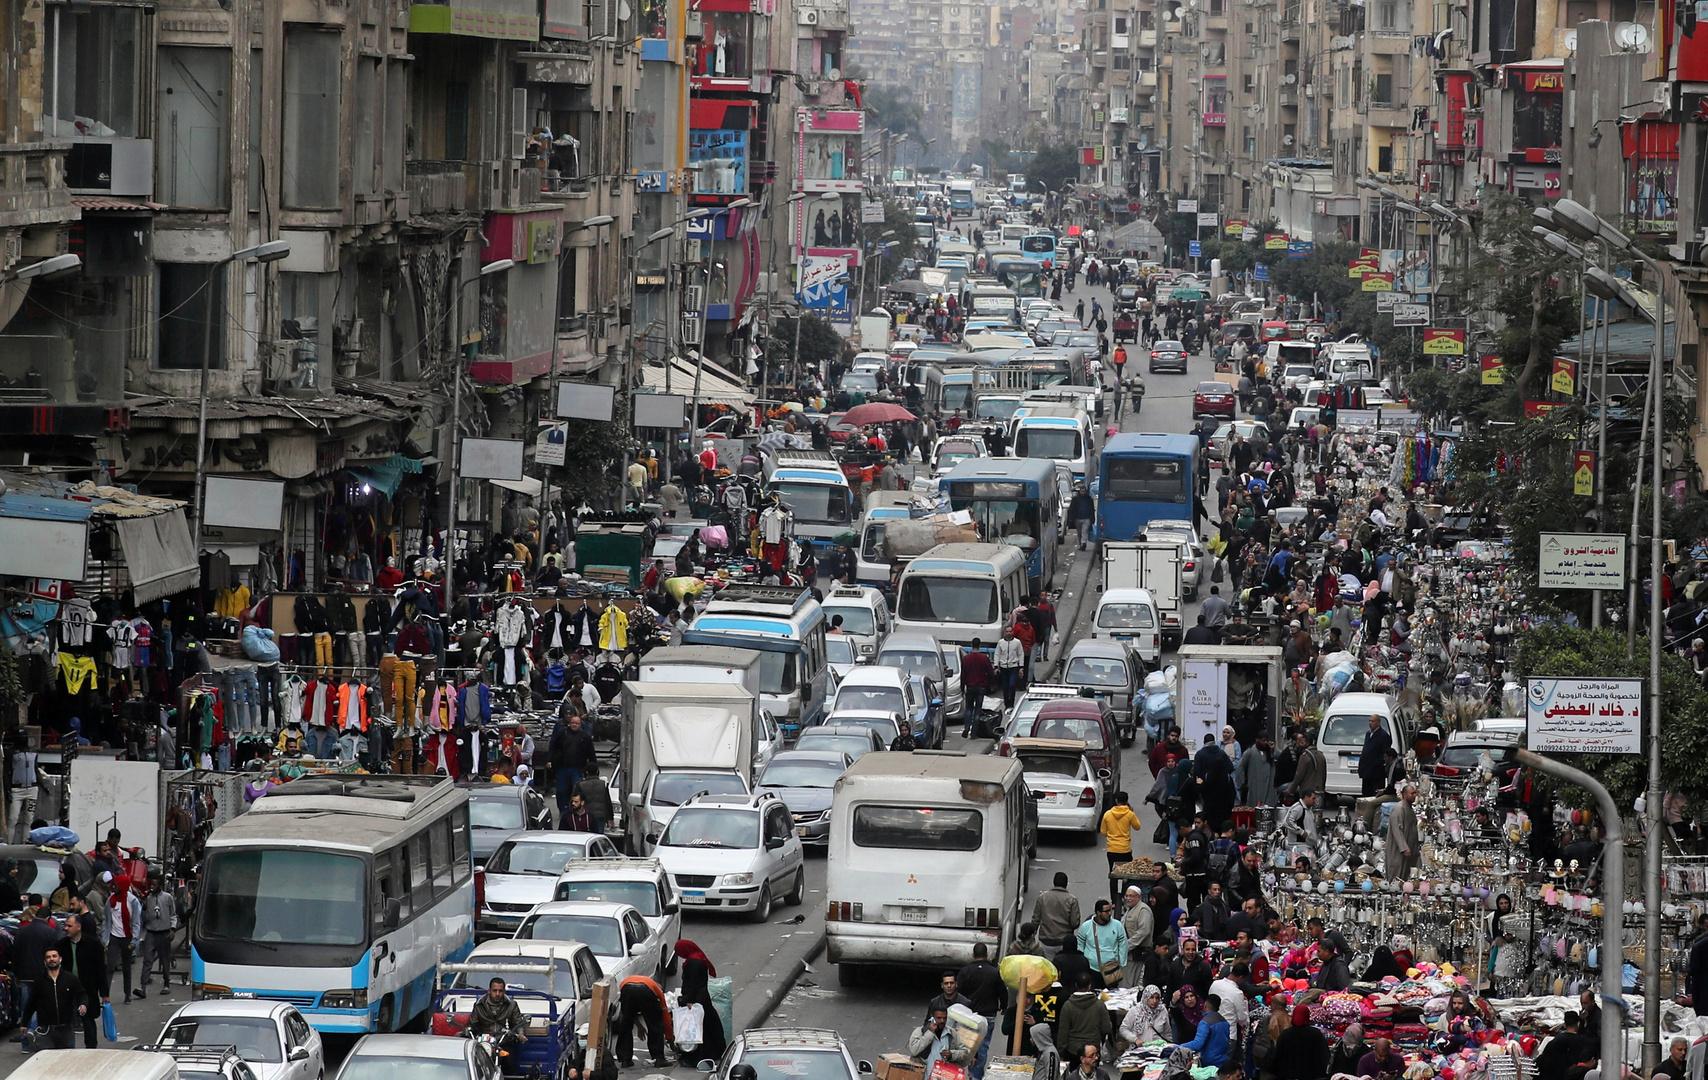 الحكومة المصرية تصدر بيانا بشأن 90 سلعة استراتيجية في البلاد